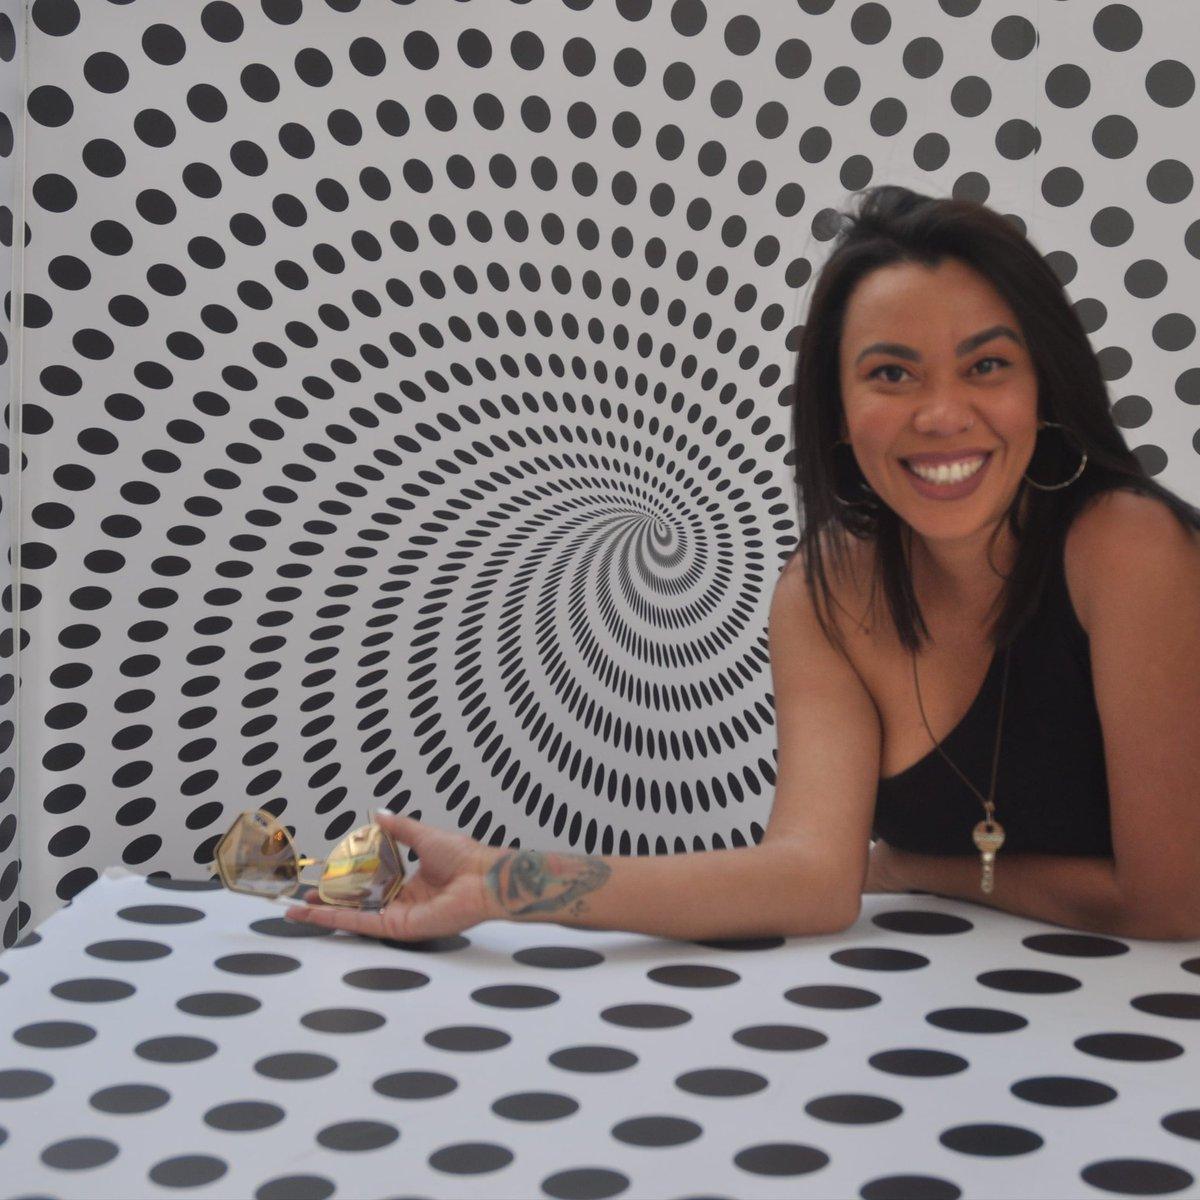 El viernes es día para preocuparse menos, sonreír más, aprender y crecer.  #mujer #moda #fashion #belleza #mujeres #venezuela #ptocabello #colombia #ecuador #quito #woman #amor #ropa #estilo #accesorios #style #tendencia #girl #powergirl #malleljardin #like #yosoylacoronel https://t.co/wlv0yDNzip